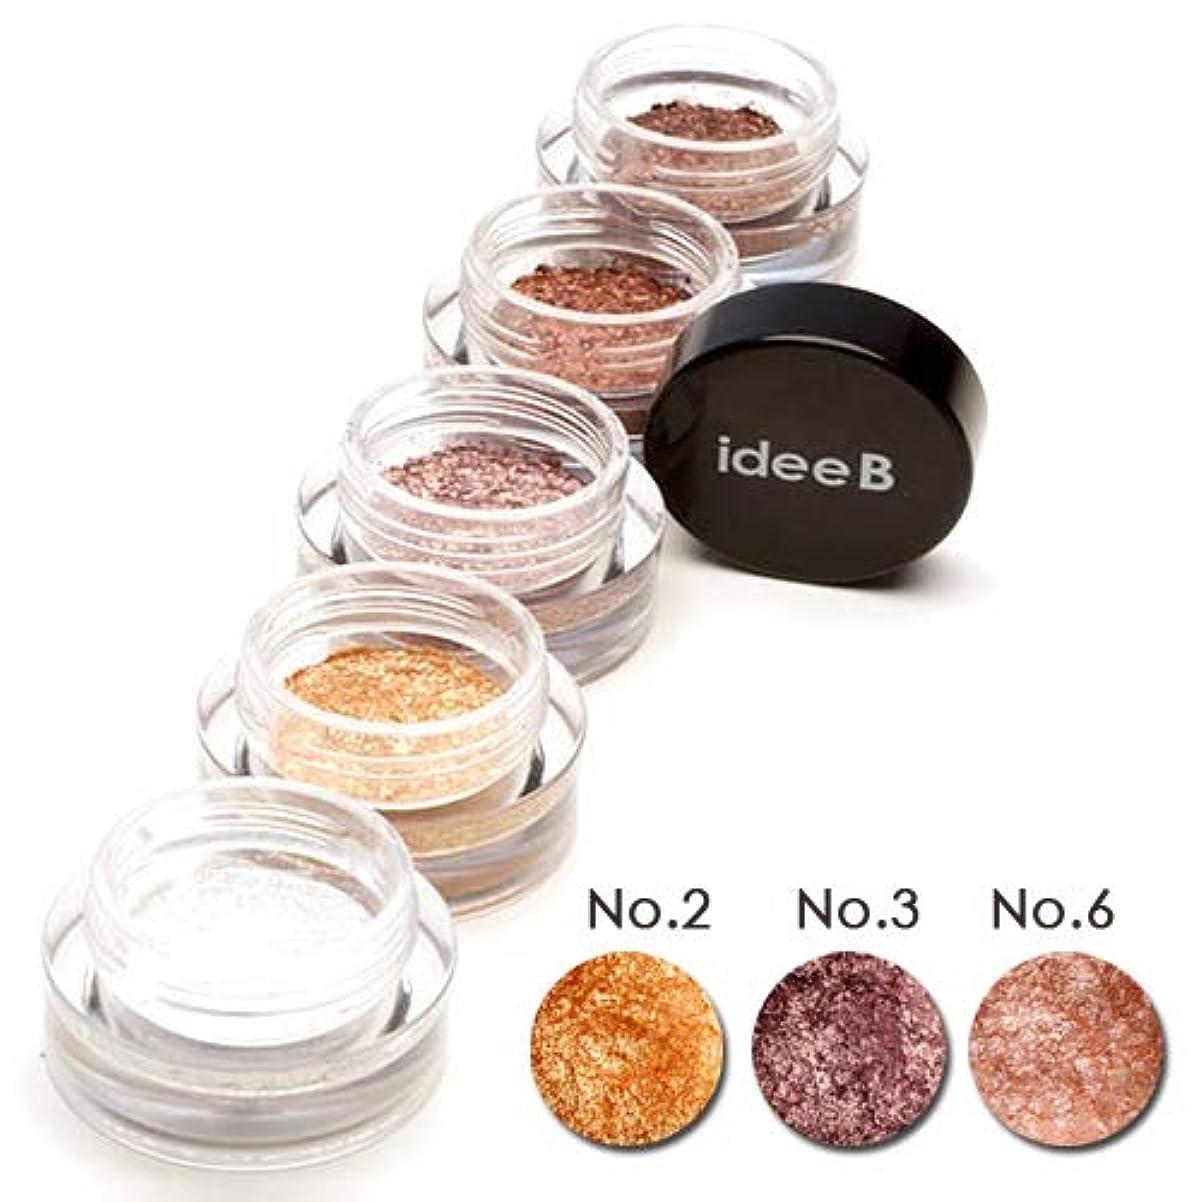 ところで絡まるほとんどない【10色のうち、3色選択】しっとりきらきらアイシャドウ ジュエルジェルアイシャドウ (IDEEB Jewel Gel Eyeshadow) 3g * 3個 (選択7. 02+03+06)